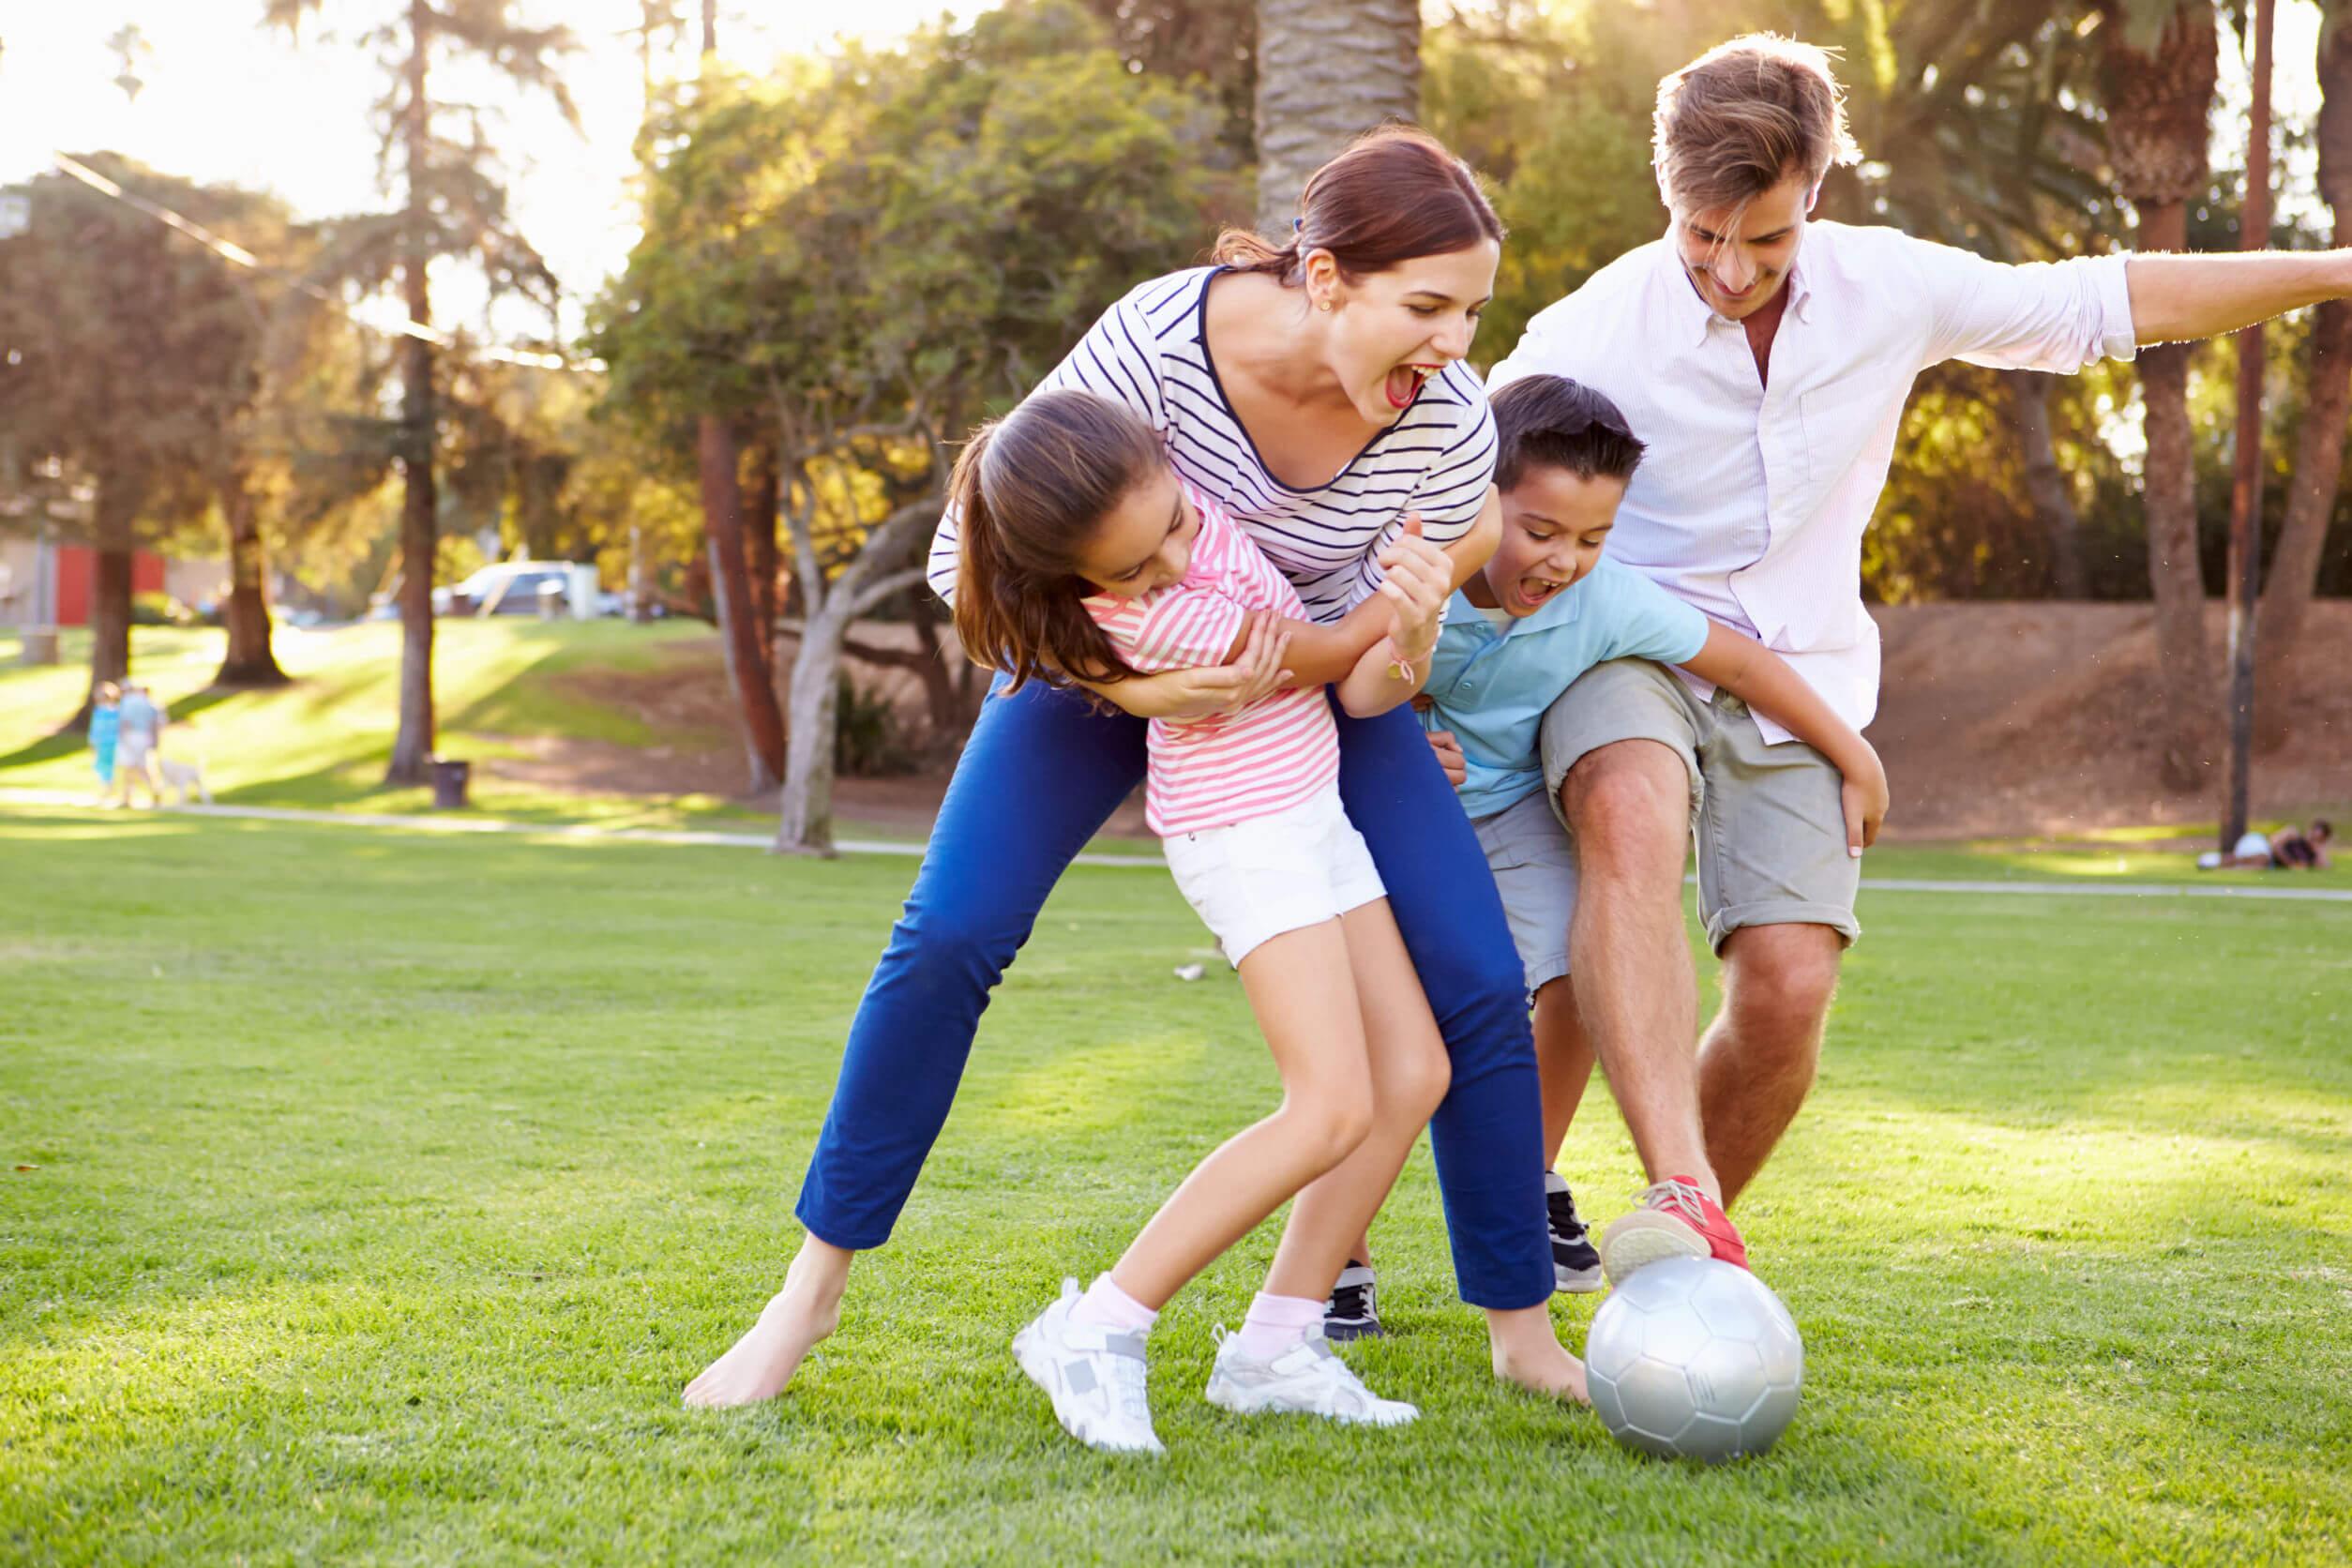 Los ejercicios para realizar en familia favorecen la unión y la comunicación.